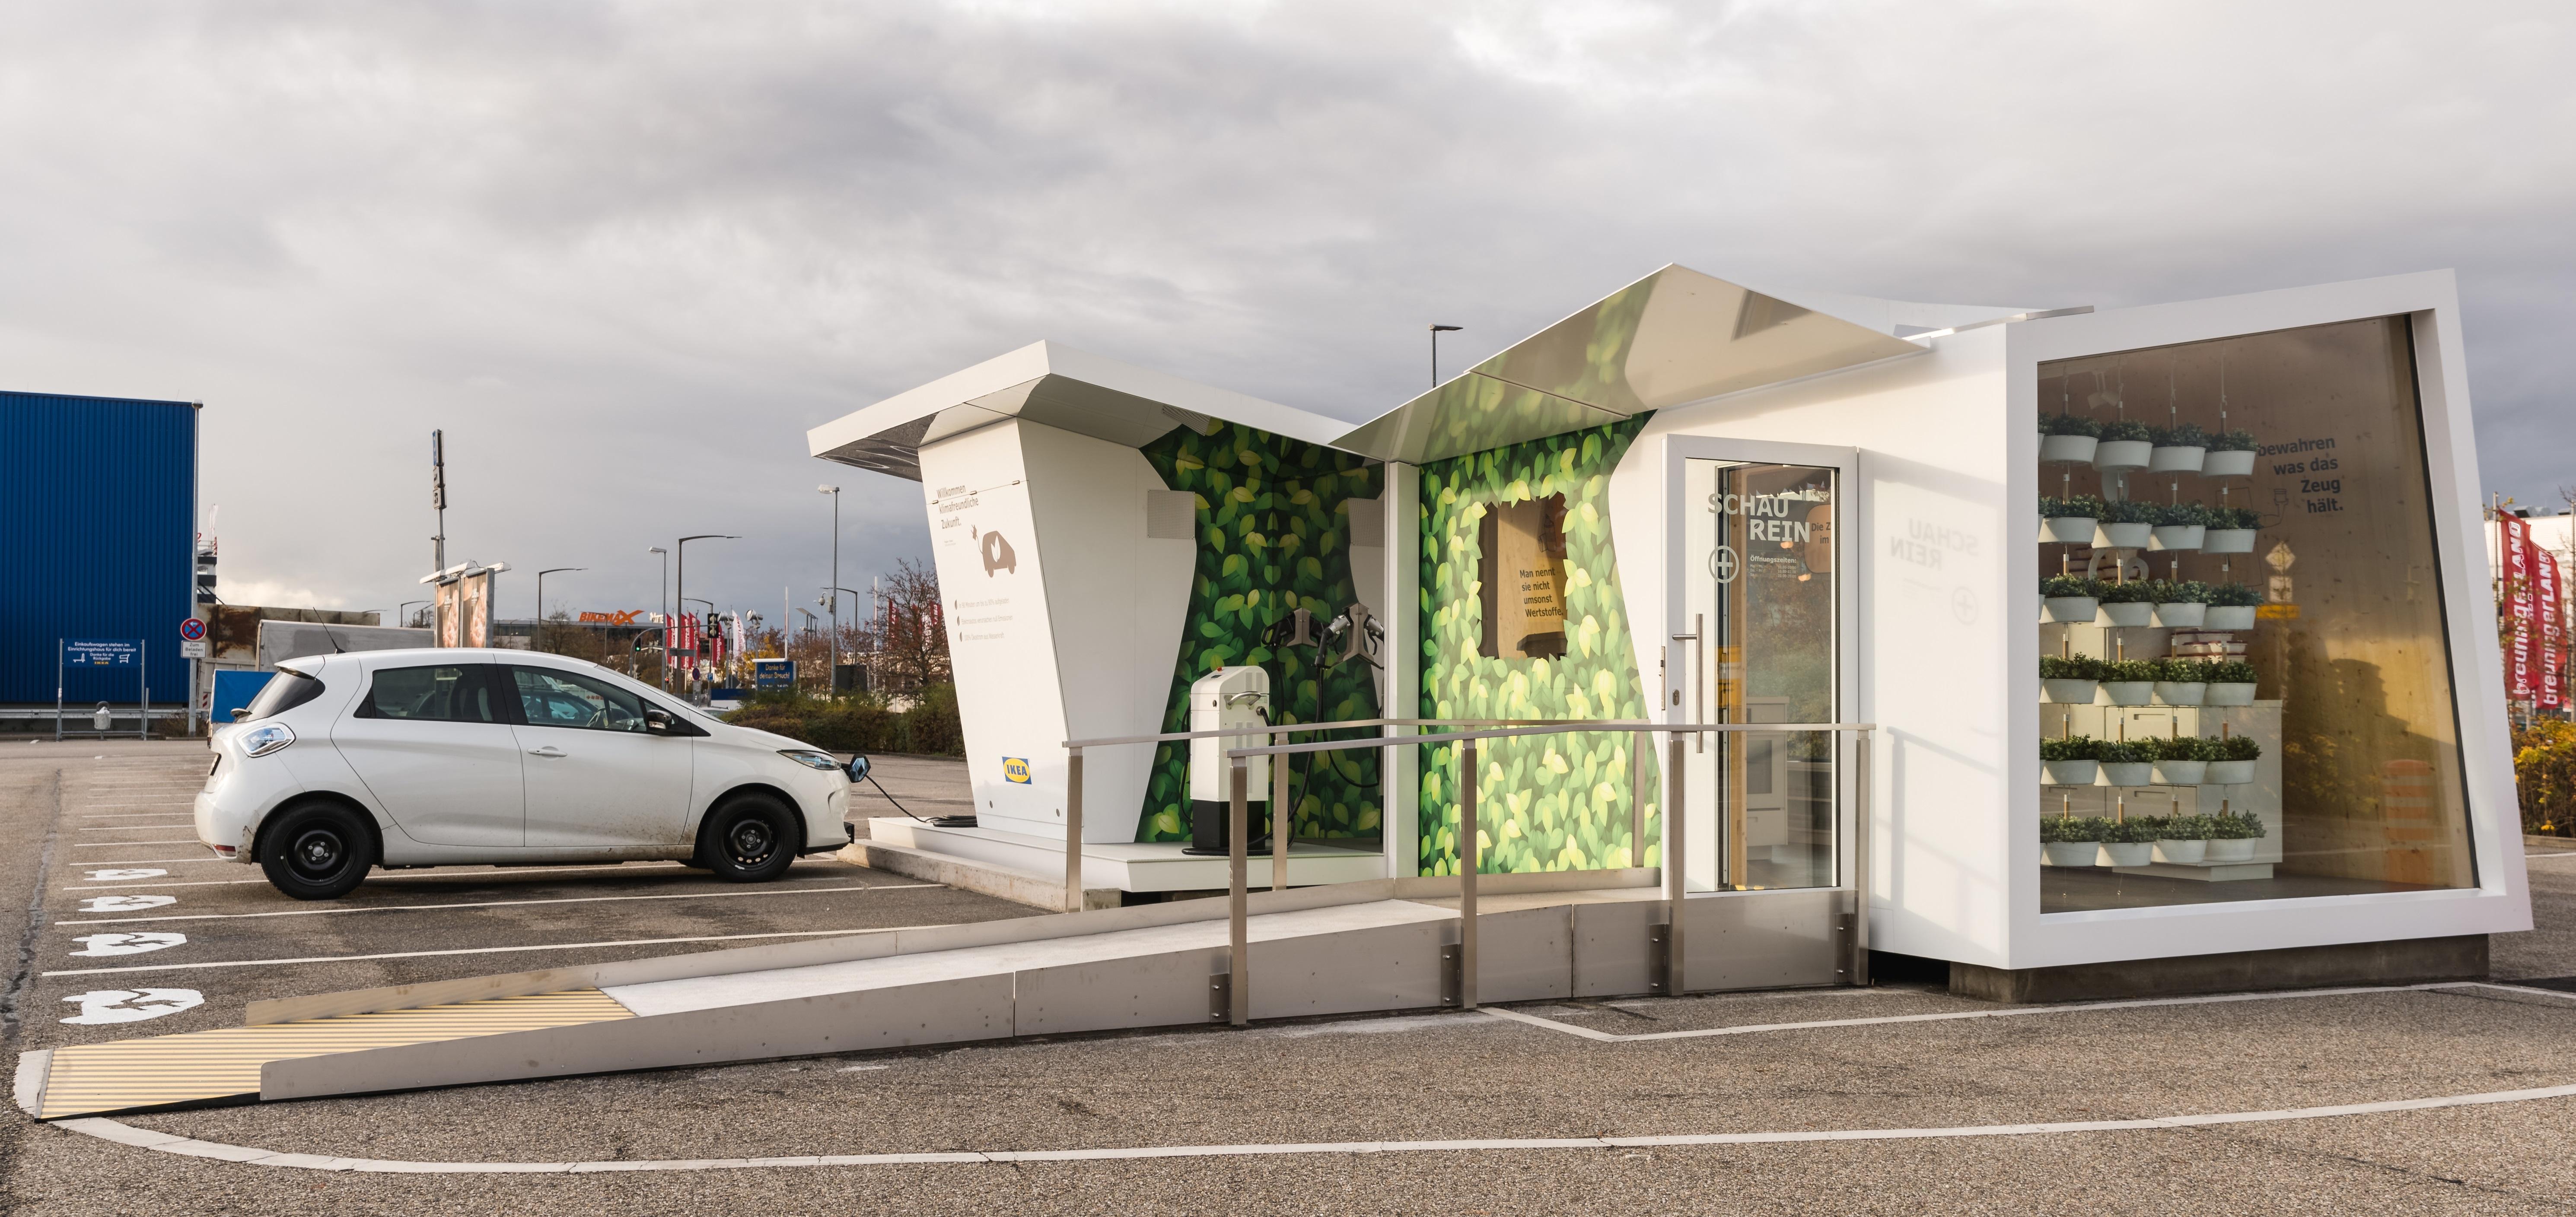 E-Tankstelle mit cleveren Ideen für ein nachhaltiges Zuhause / IKEA ...